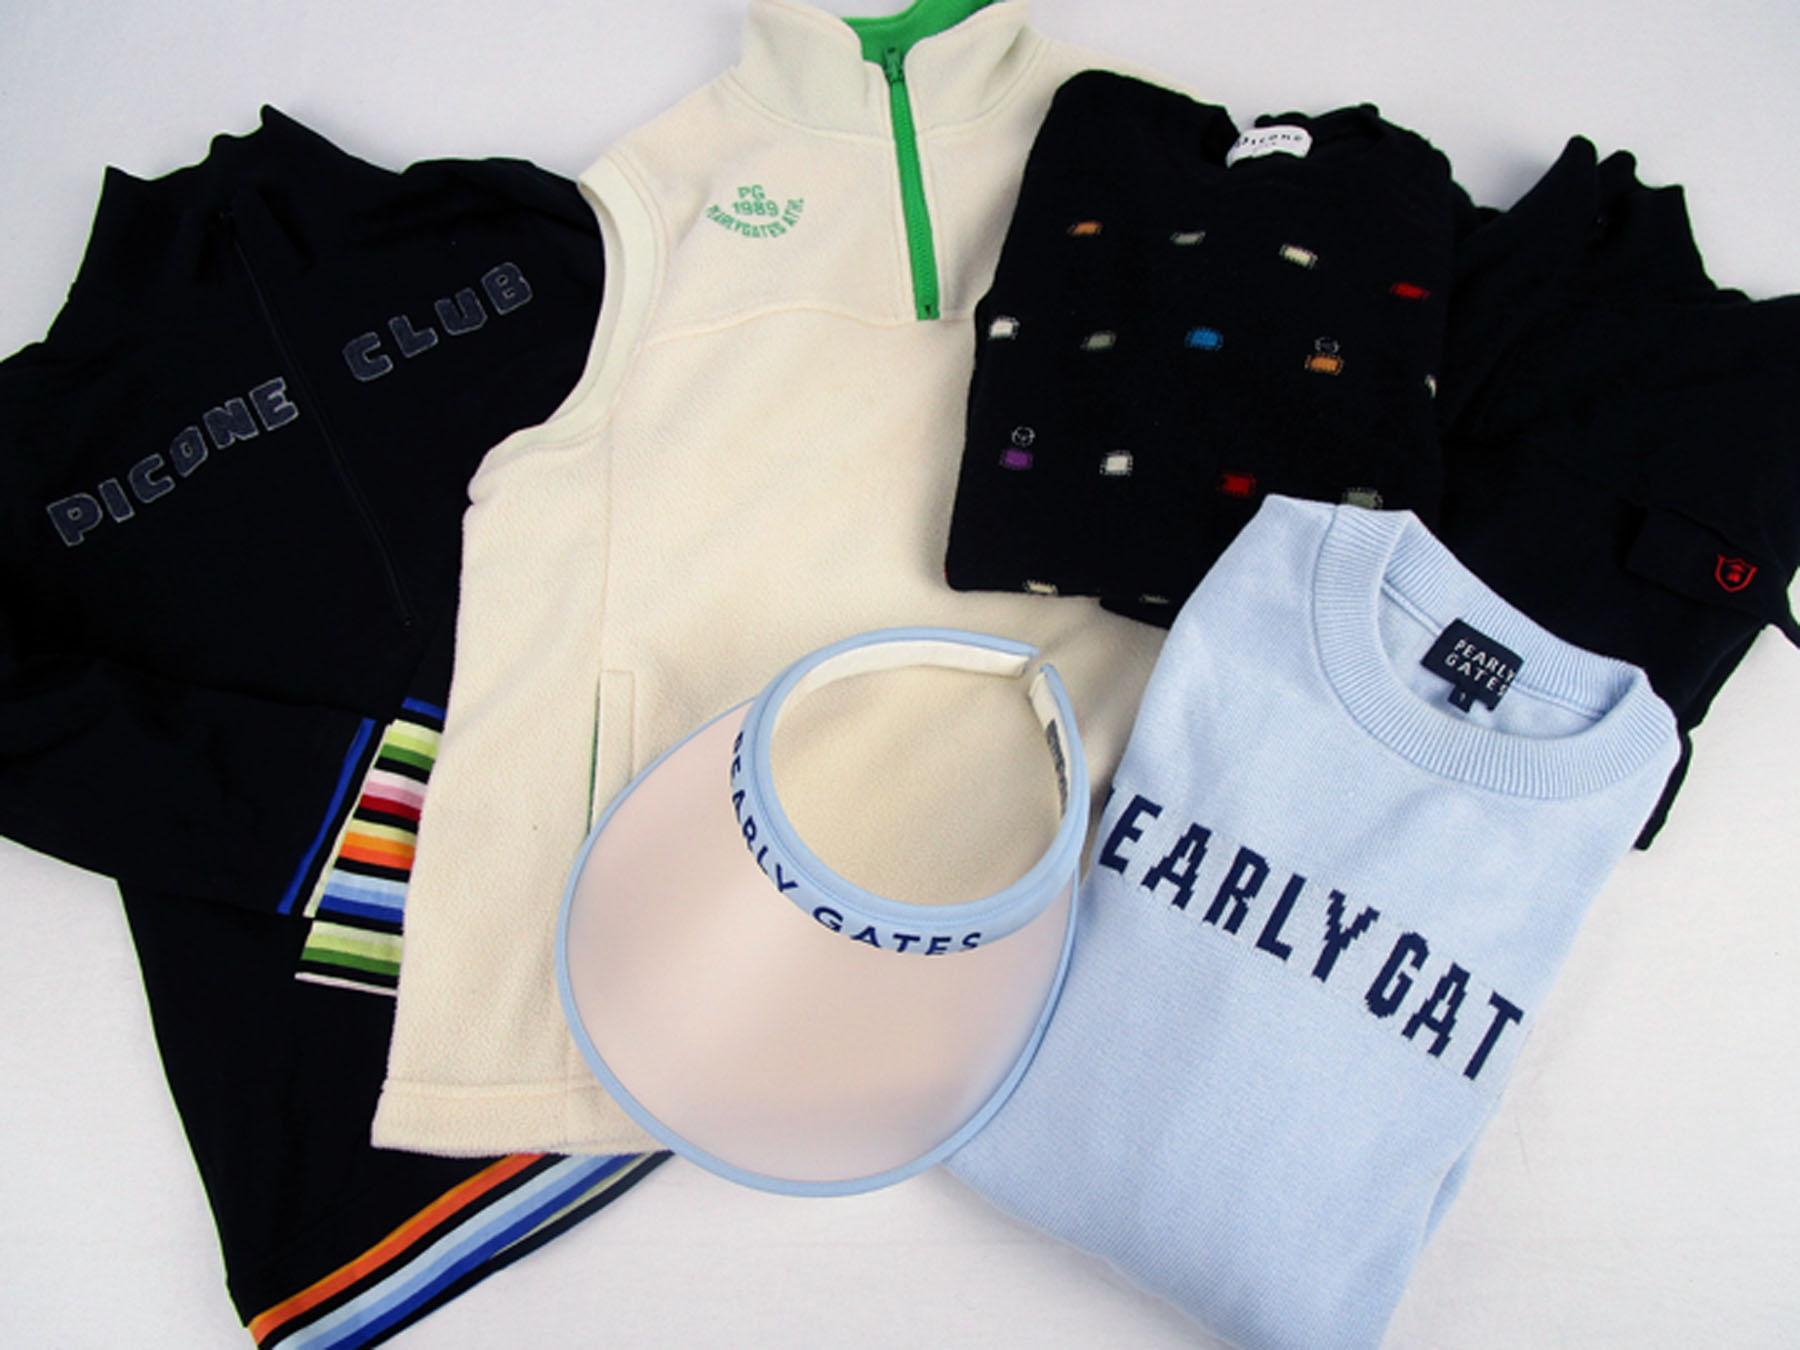 パーリーゲイツの長袖セーター、シャツ、フリースベスト、ツバ広サンバイザーとピッコーネのマルチボーダやカラフル模様のセーターです。